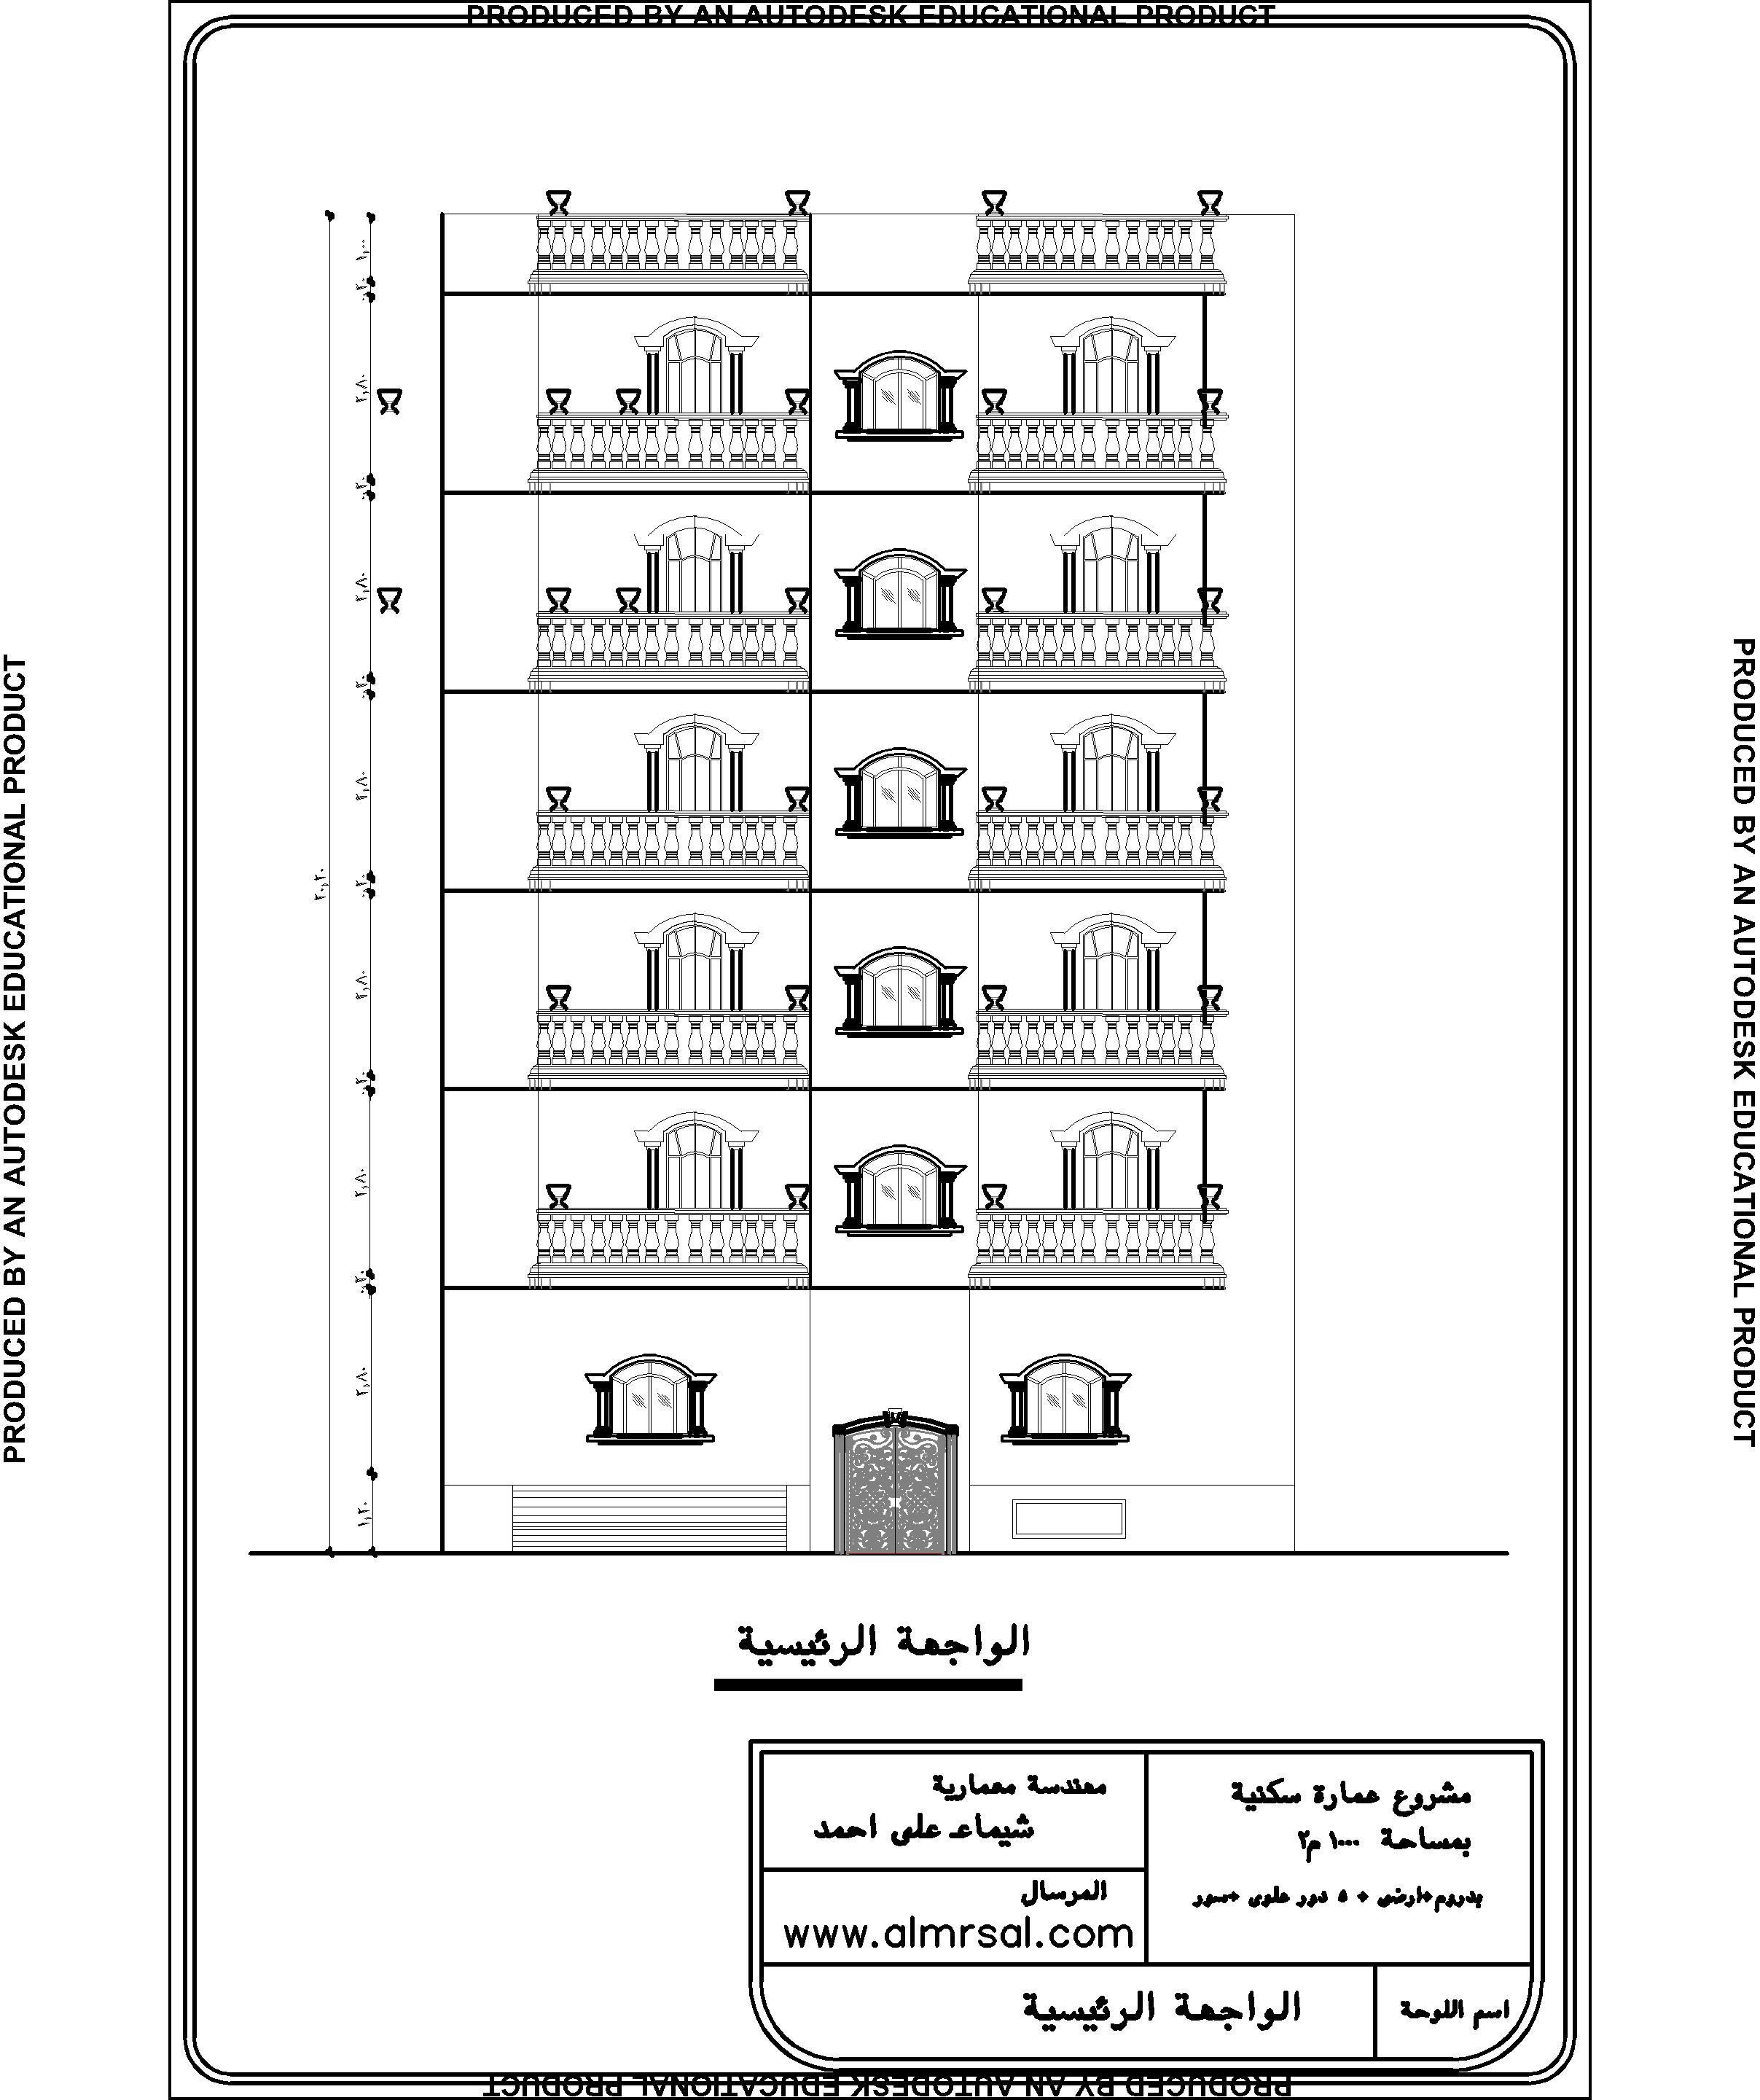 الواجهة الرئيسية لعمارة سكنية 4 شقق بمدخلين 400م2